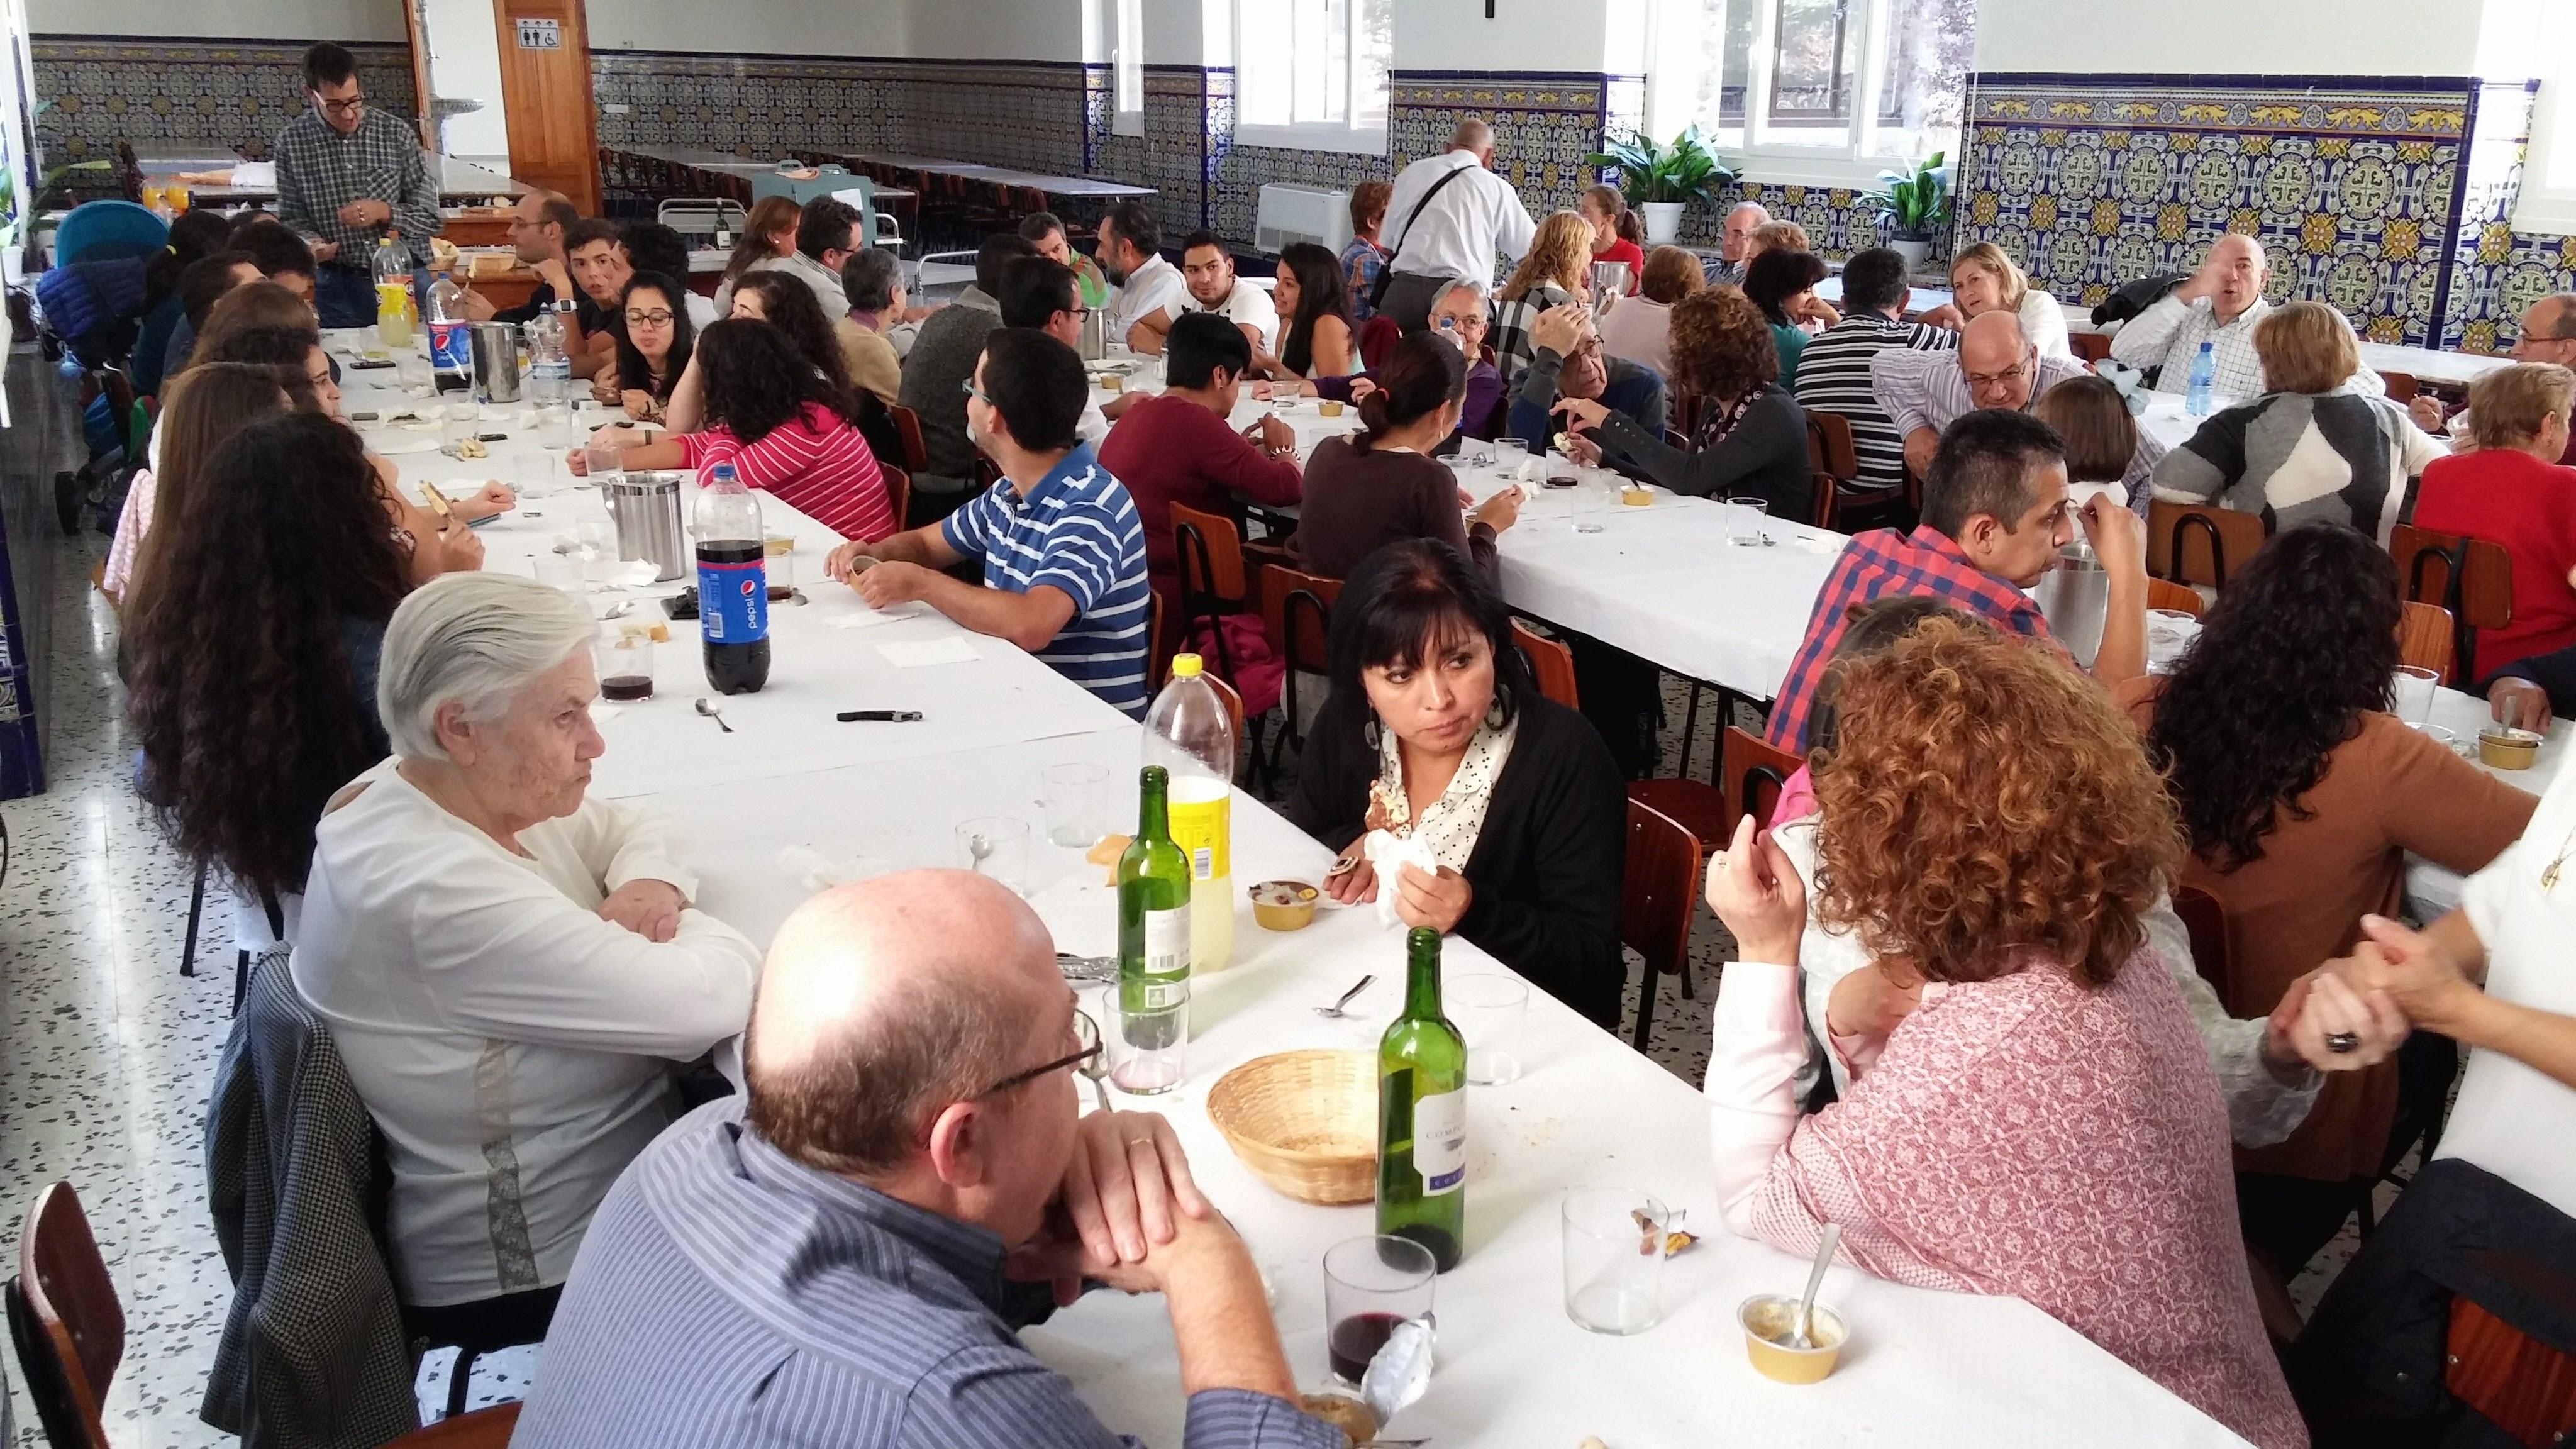 2015.10.2-4 - IEP LA CONVERSIÓN + COMIDA COMUNITARIA (23).jpg